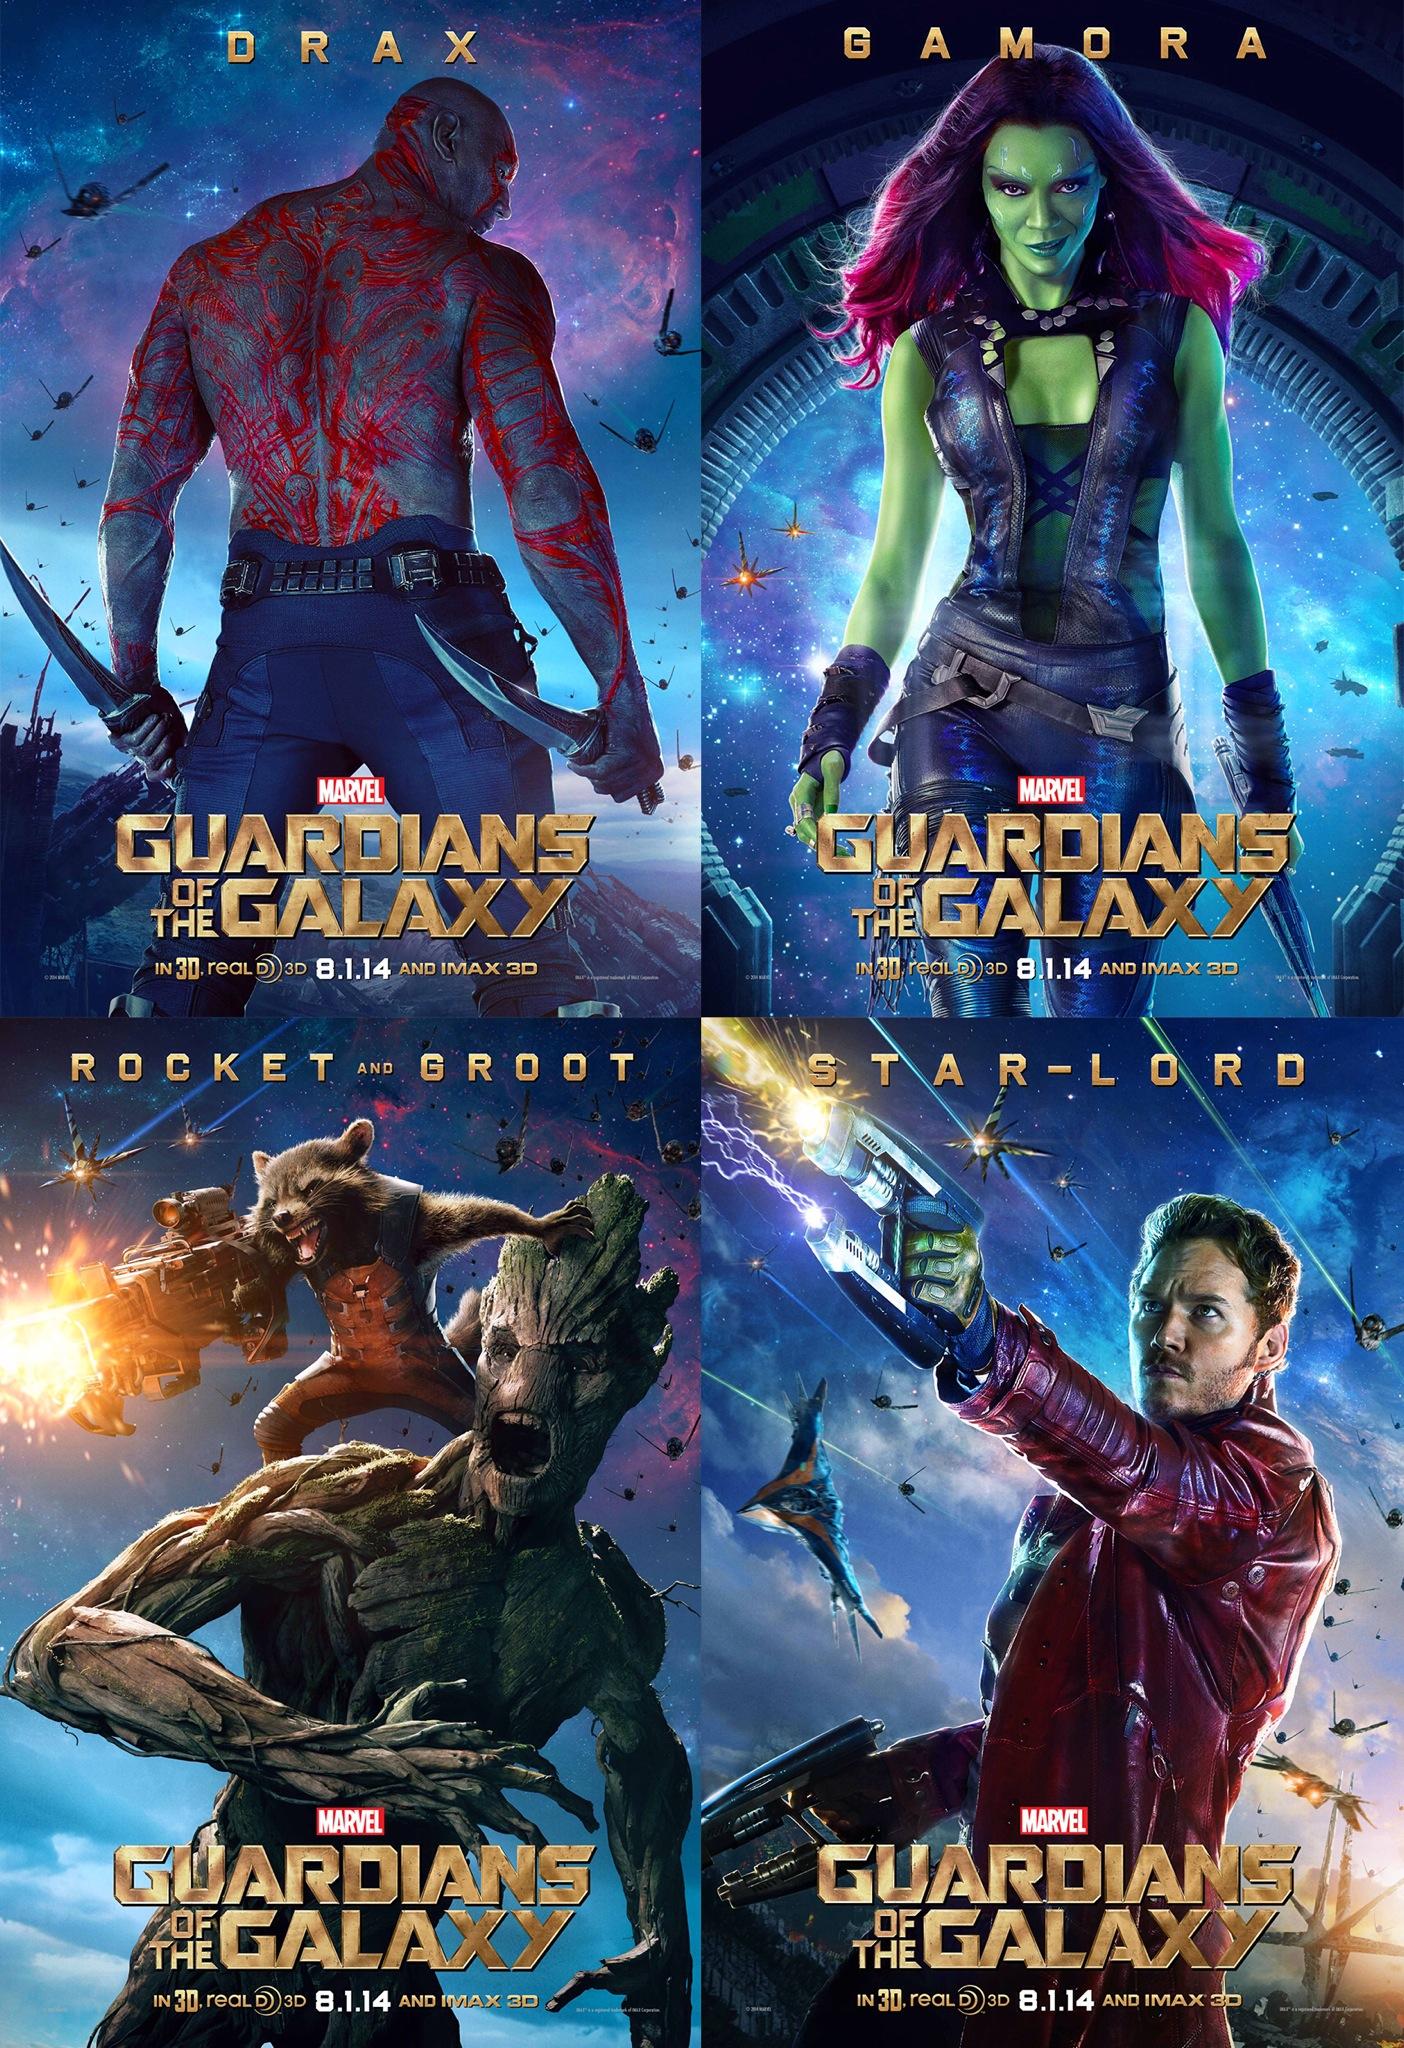 galaxy nebula garza movie poster - photo #33